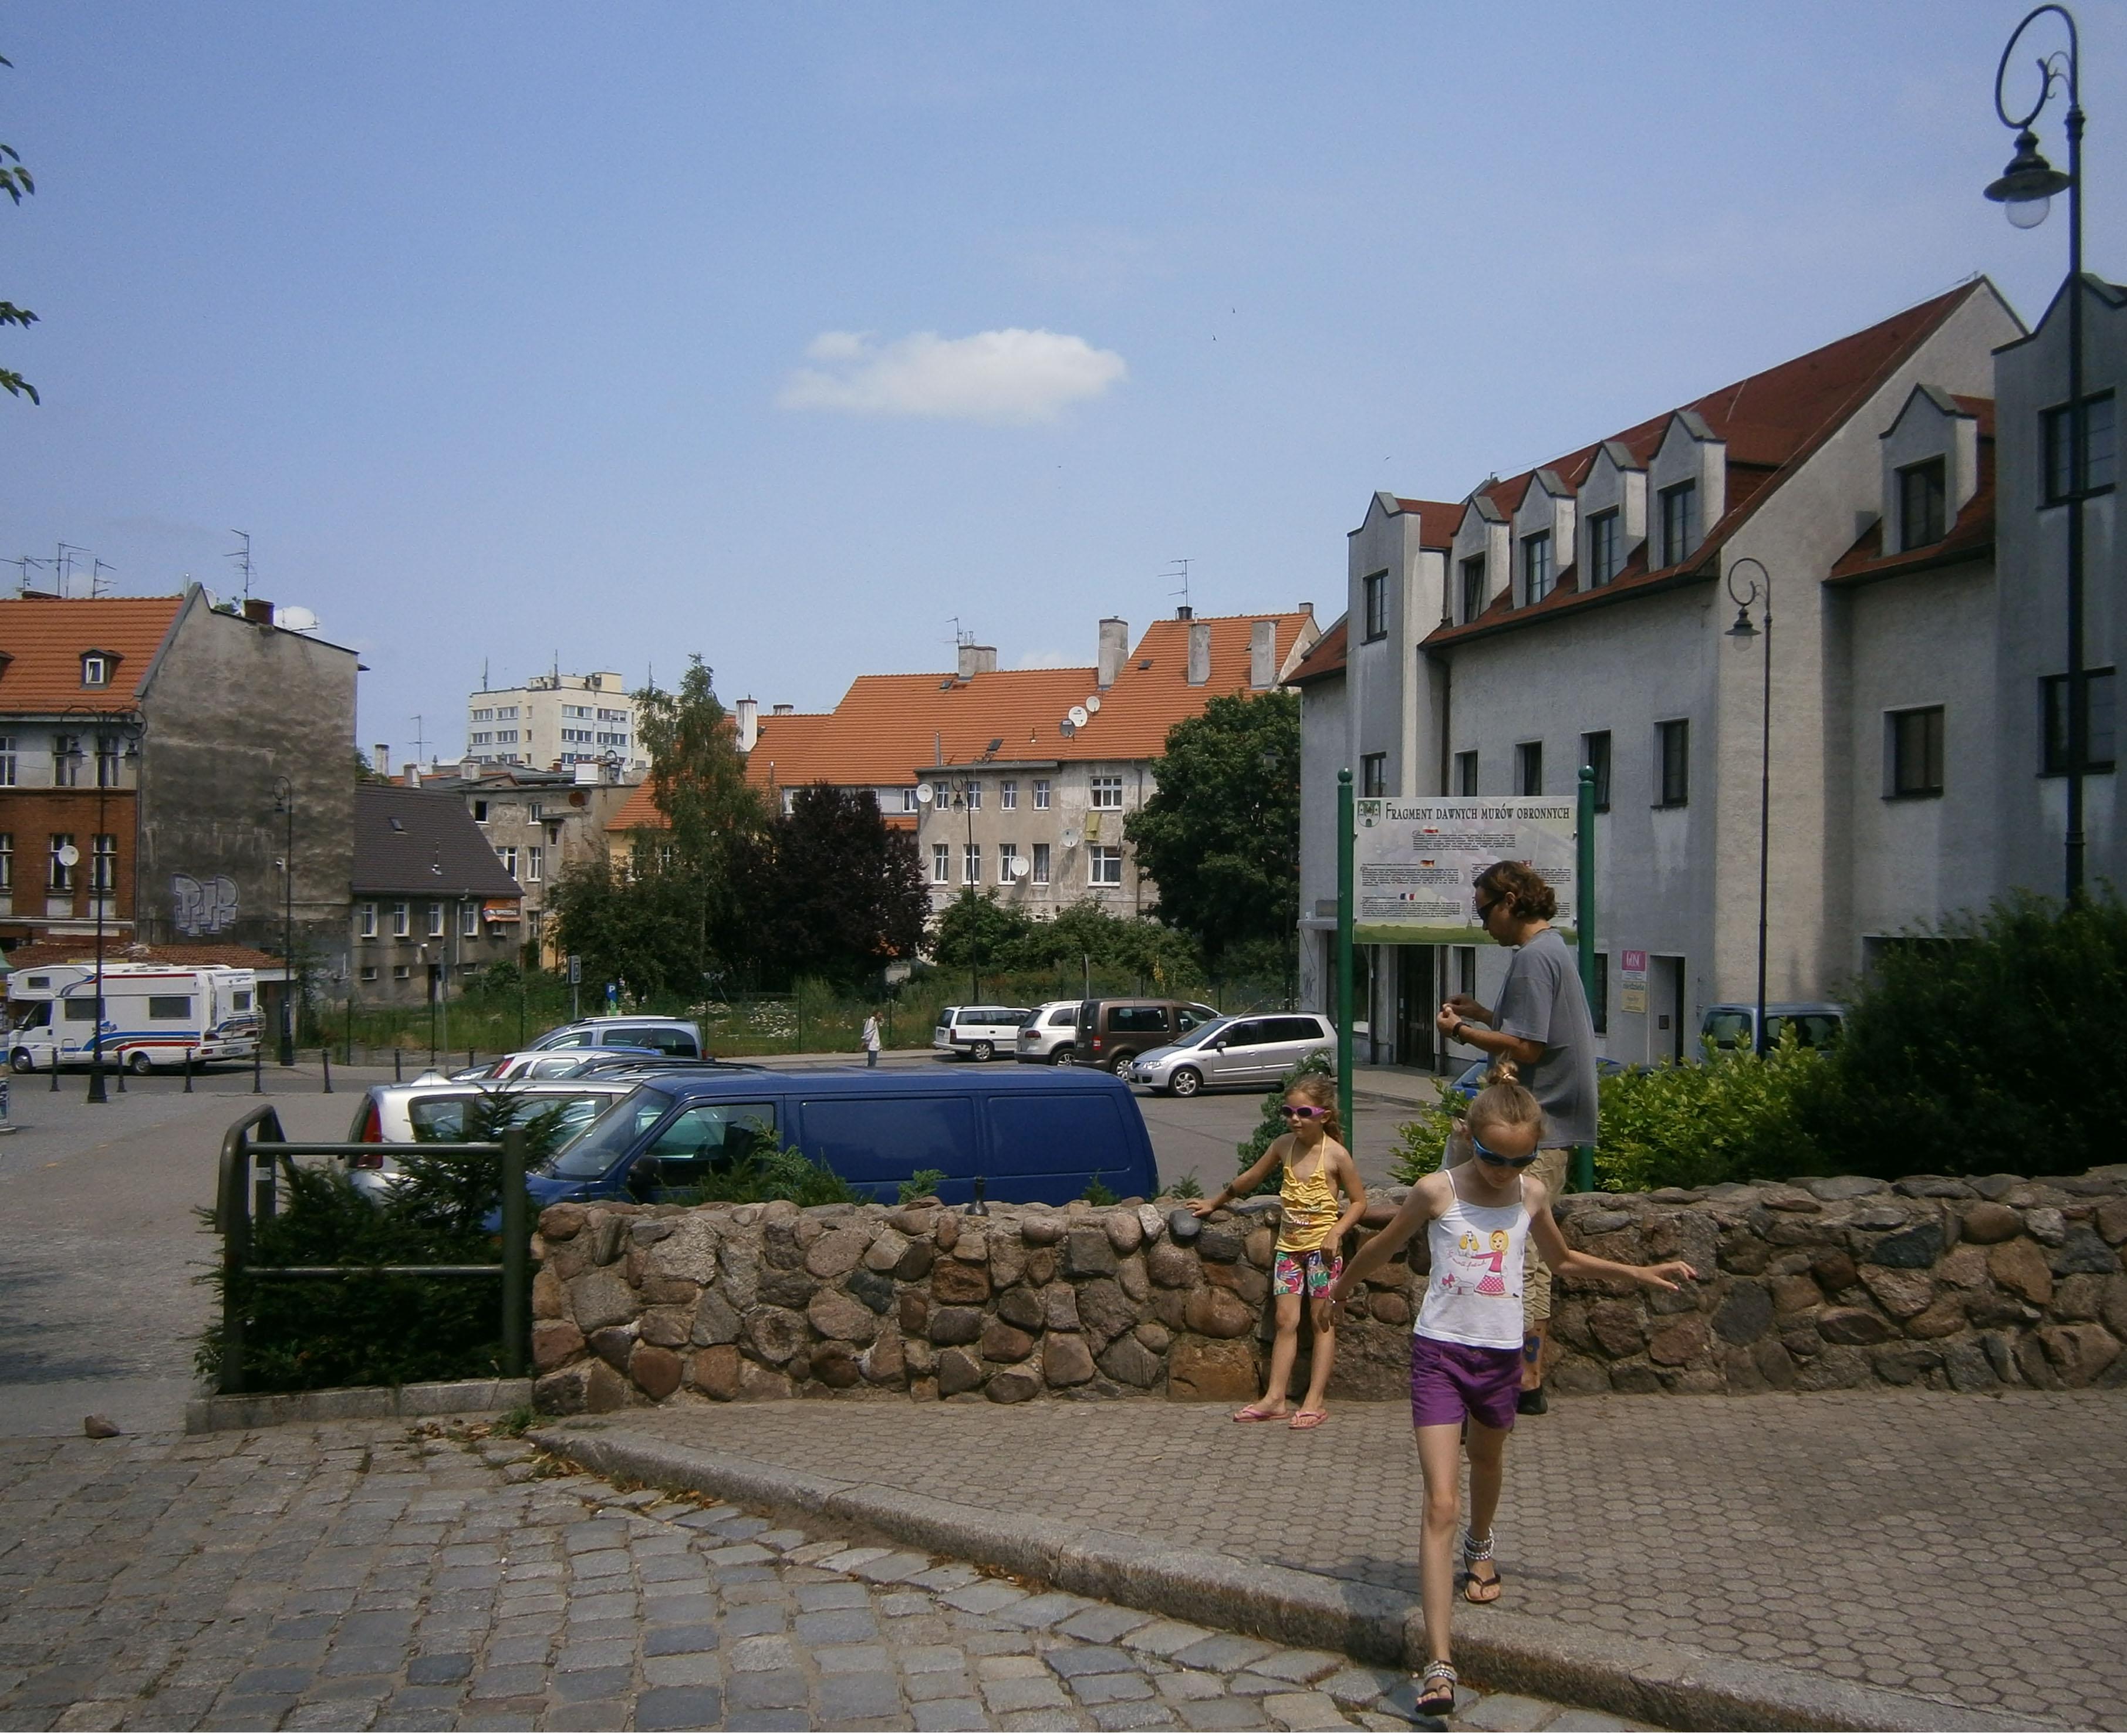 zachowane stare mury i młode dzieci średnio zainteresowane faktem, że rycerze tu konie parkowali